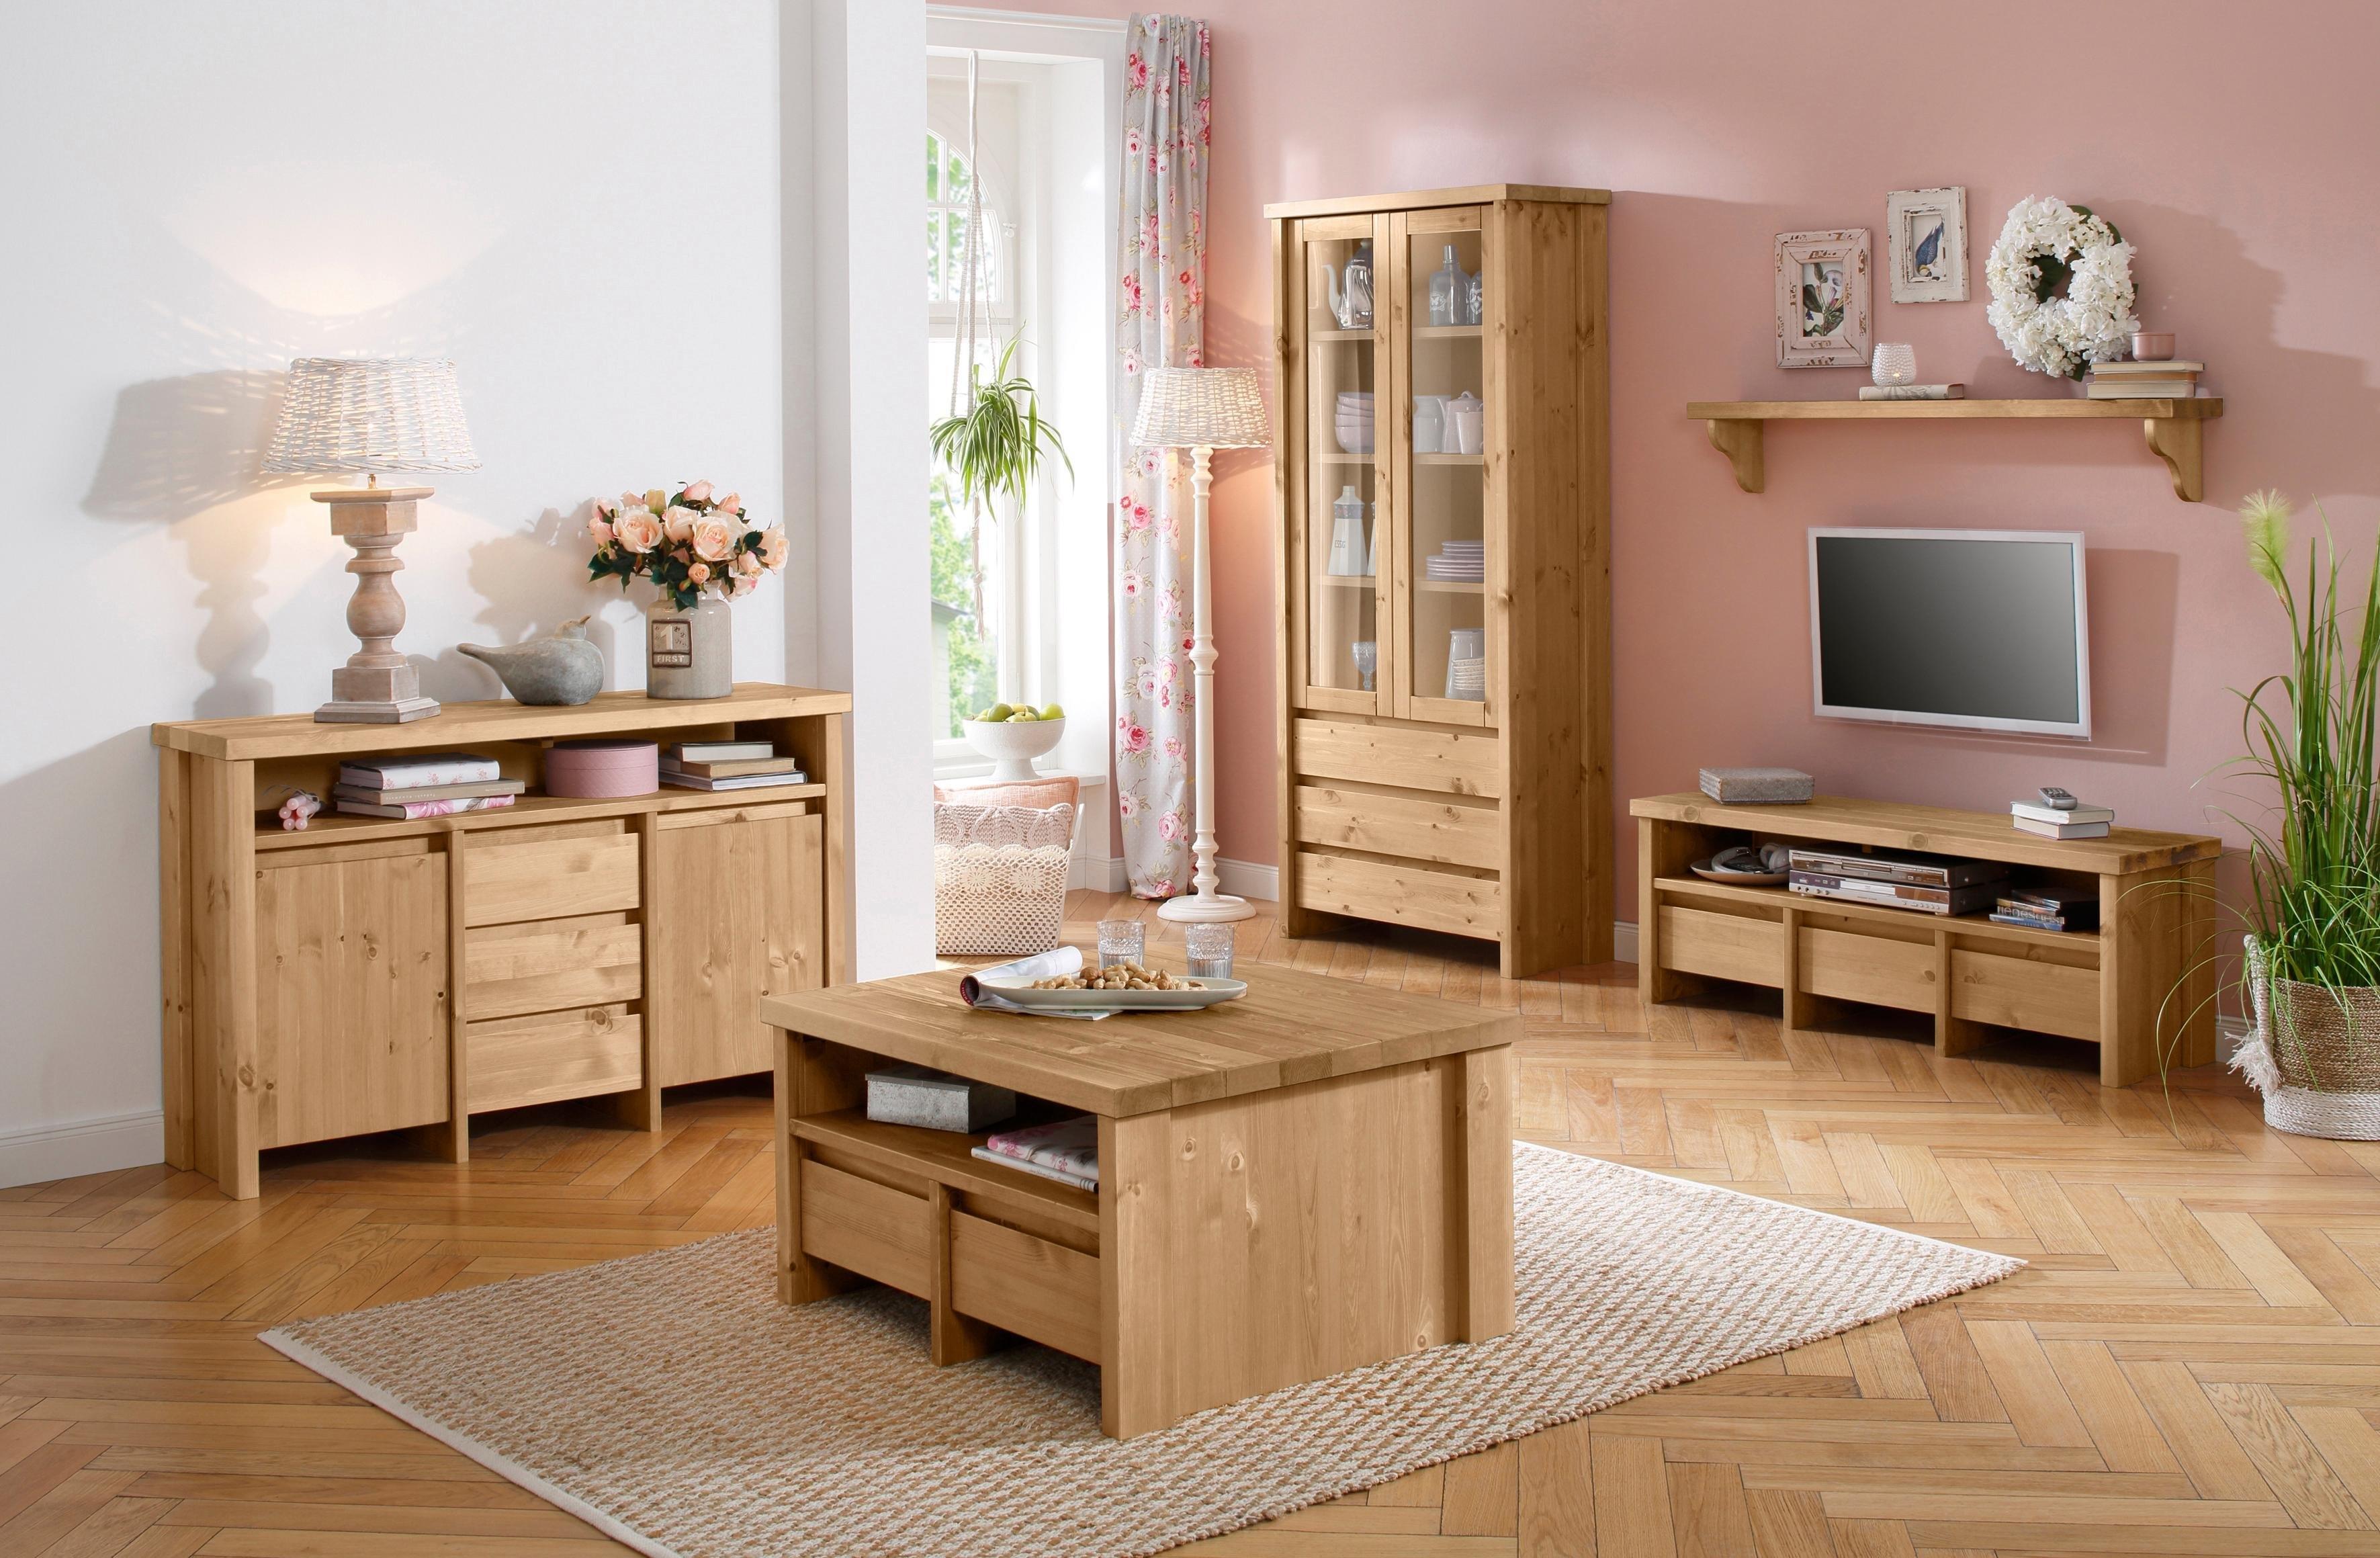 Home affaire tv-meubel »Marta« bestellen: 30 dagen bedenktijd